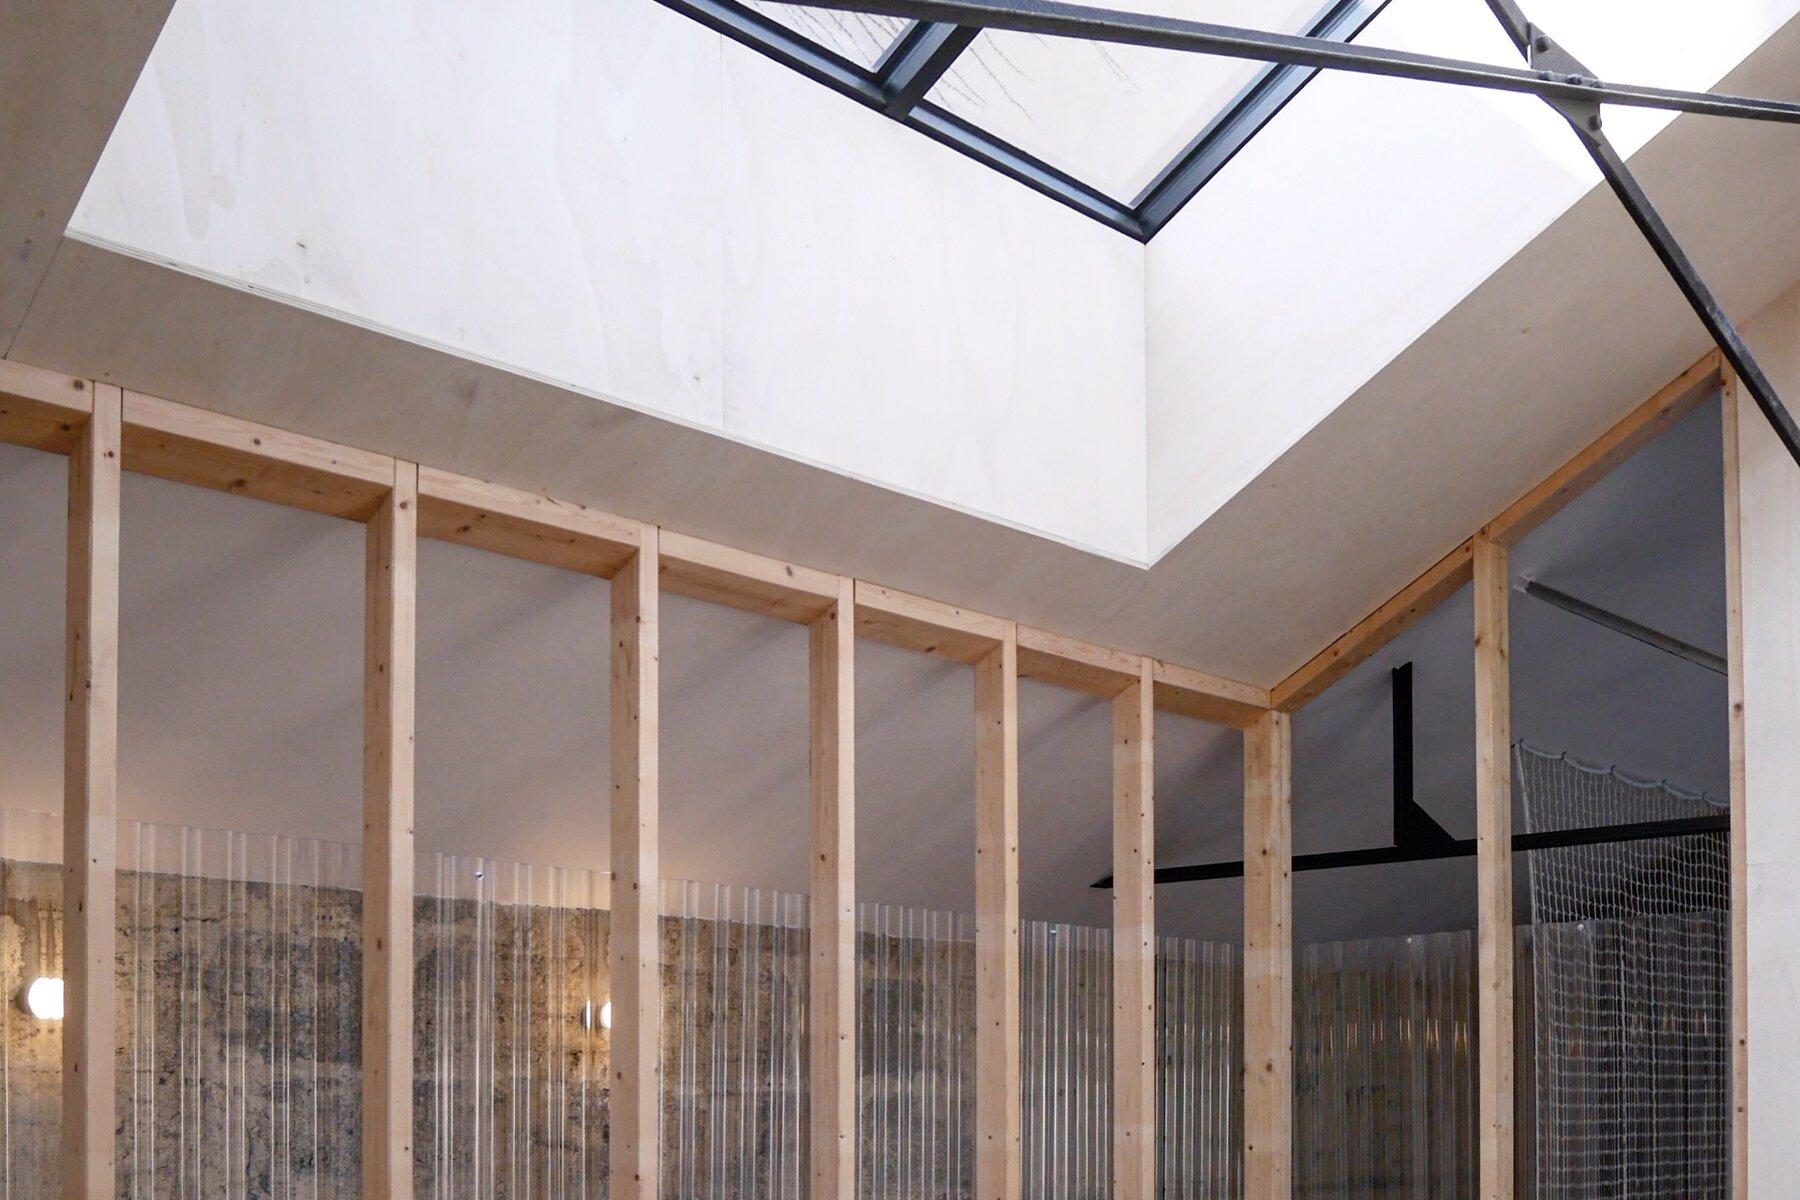 Architecte D Intérieur Brest ᐅ hélène touratier architecture et architecture d'interieur